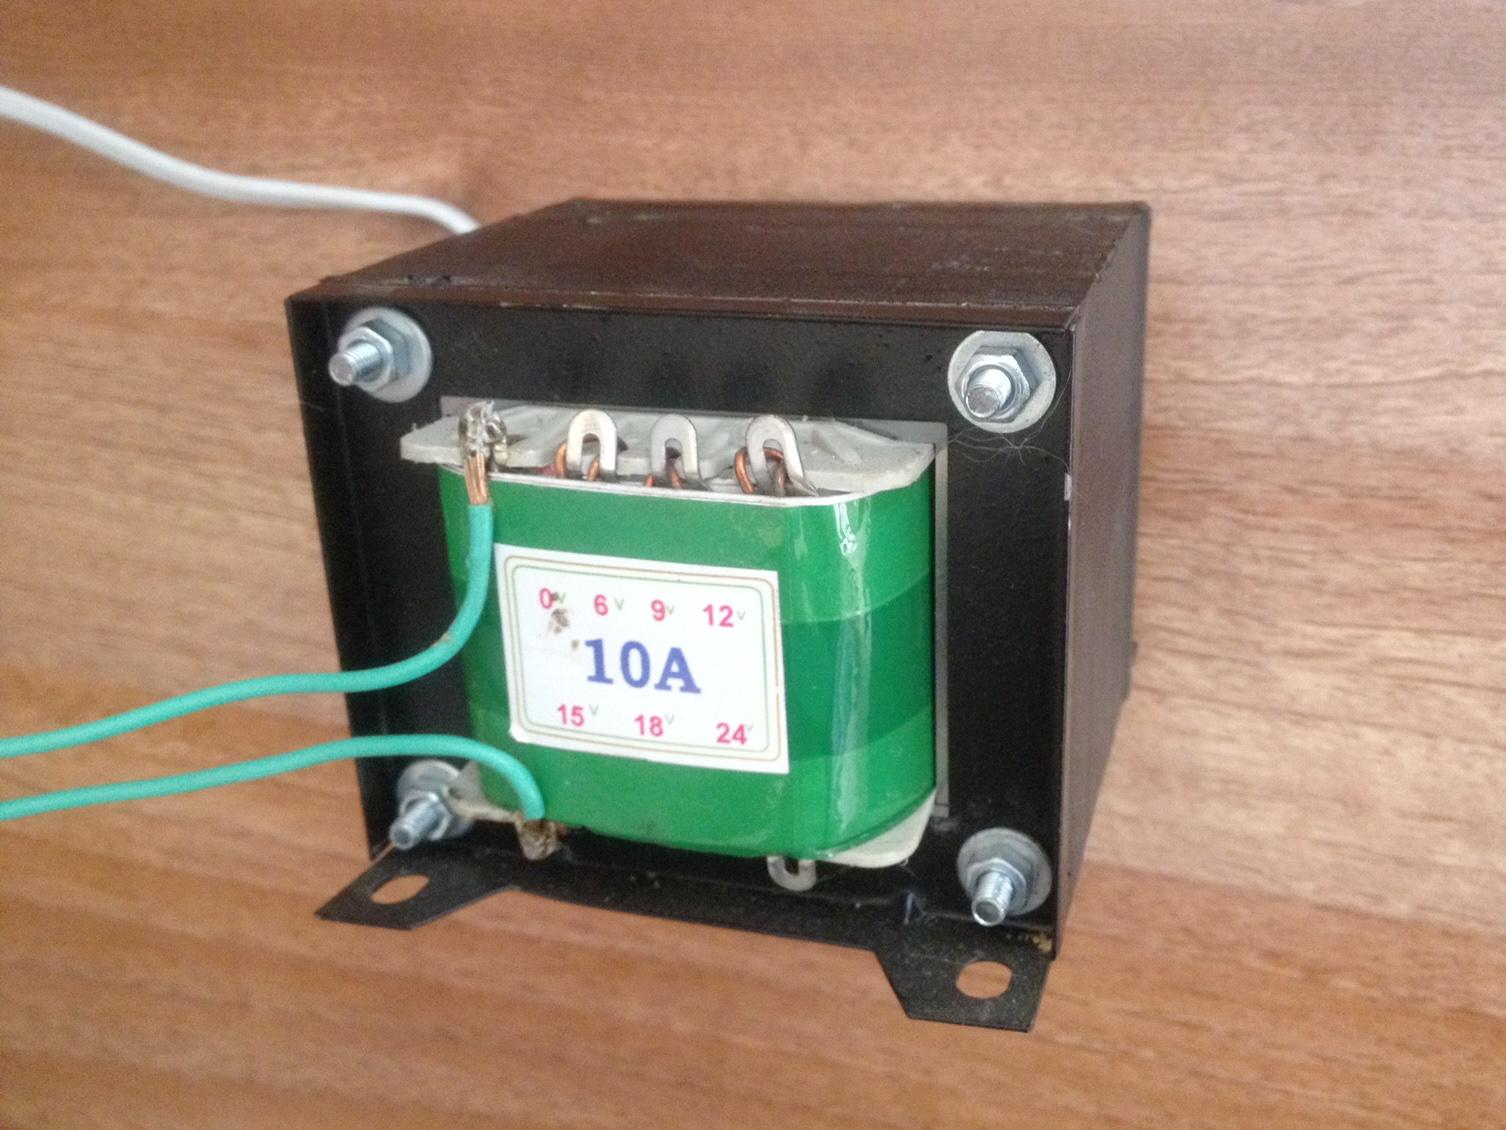 Nguồn biến áp 10A đối xứng